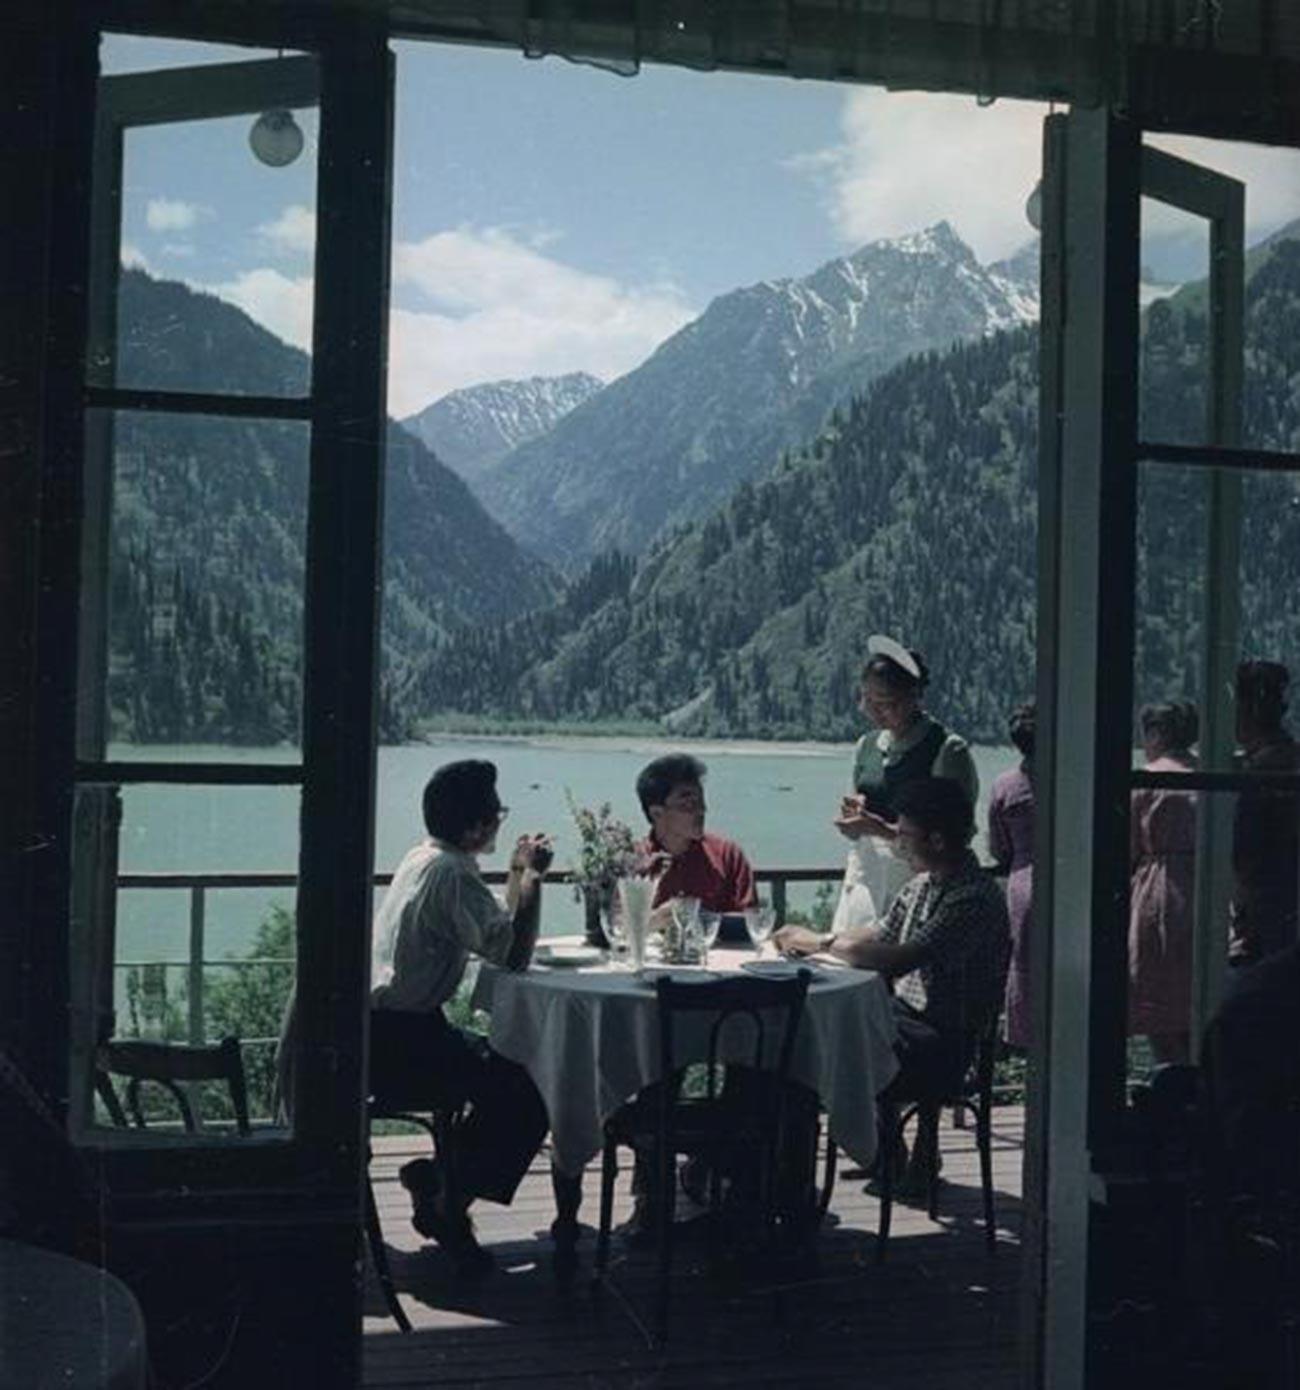 Auf einem Restaurantbalkon. Yssykköl-See, Kasachische SSR, 1961